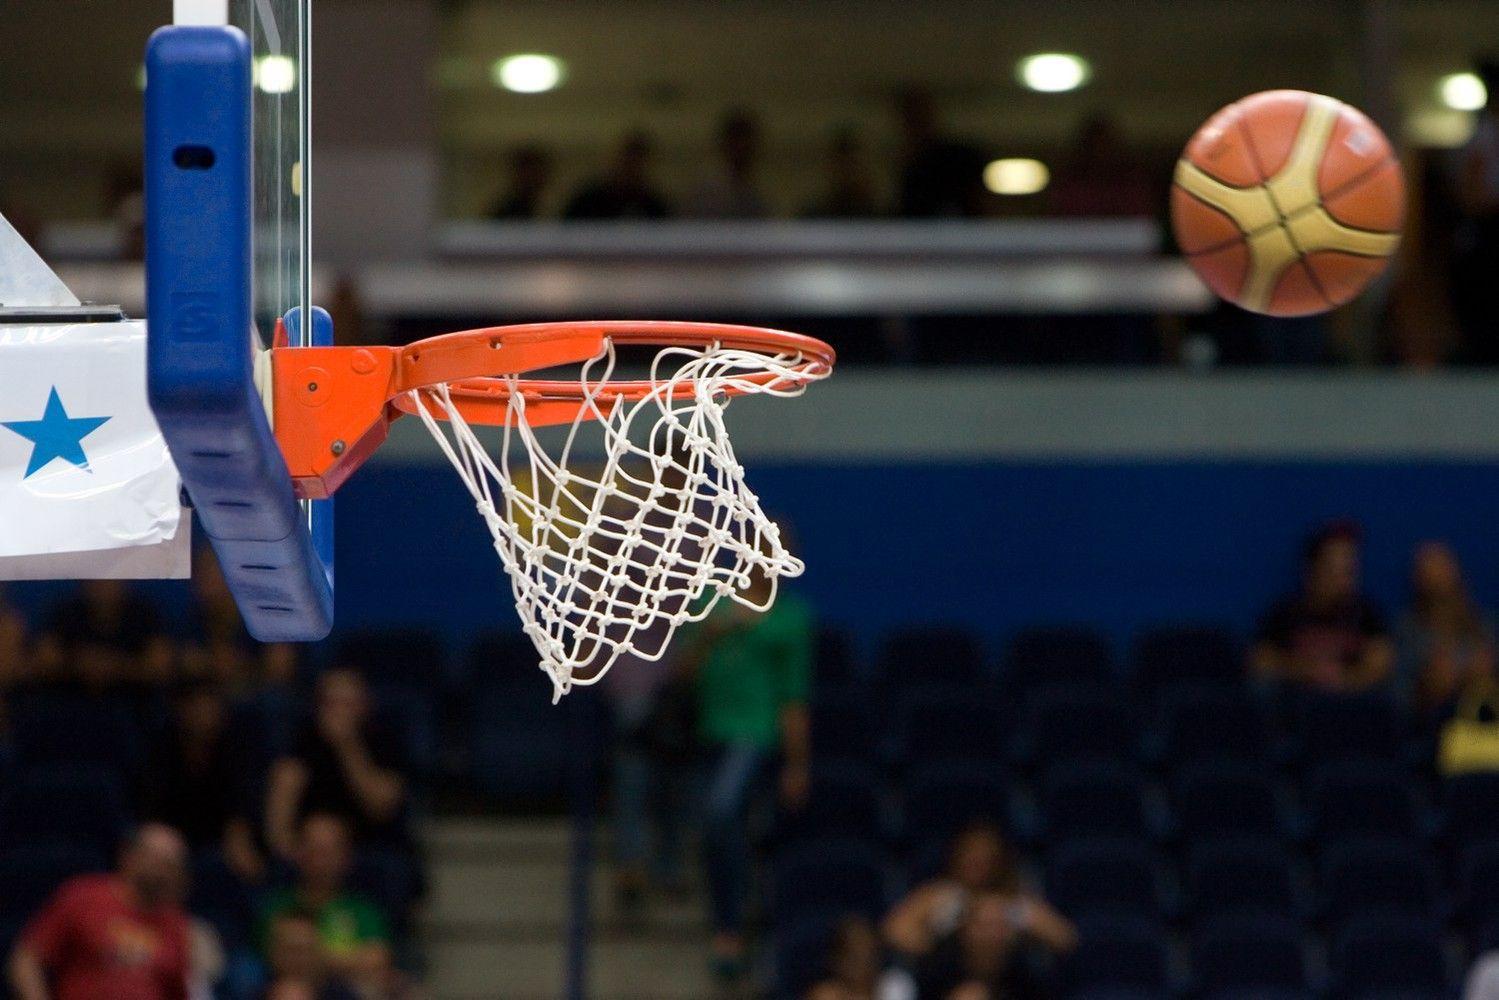 Didžiausias algas mokantys Lietuvos krepšinio klubai